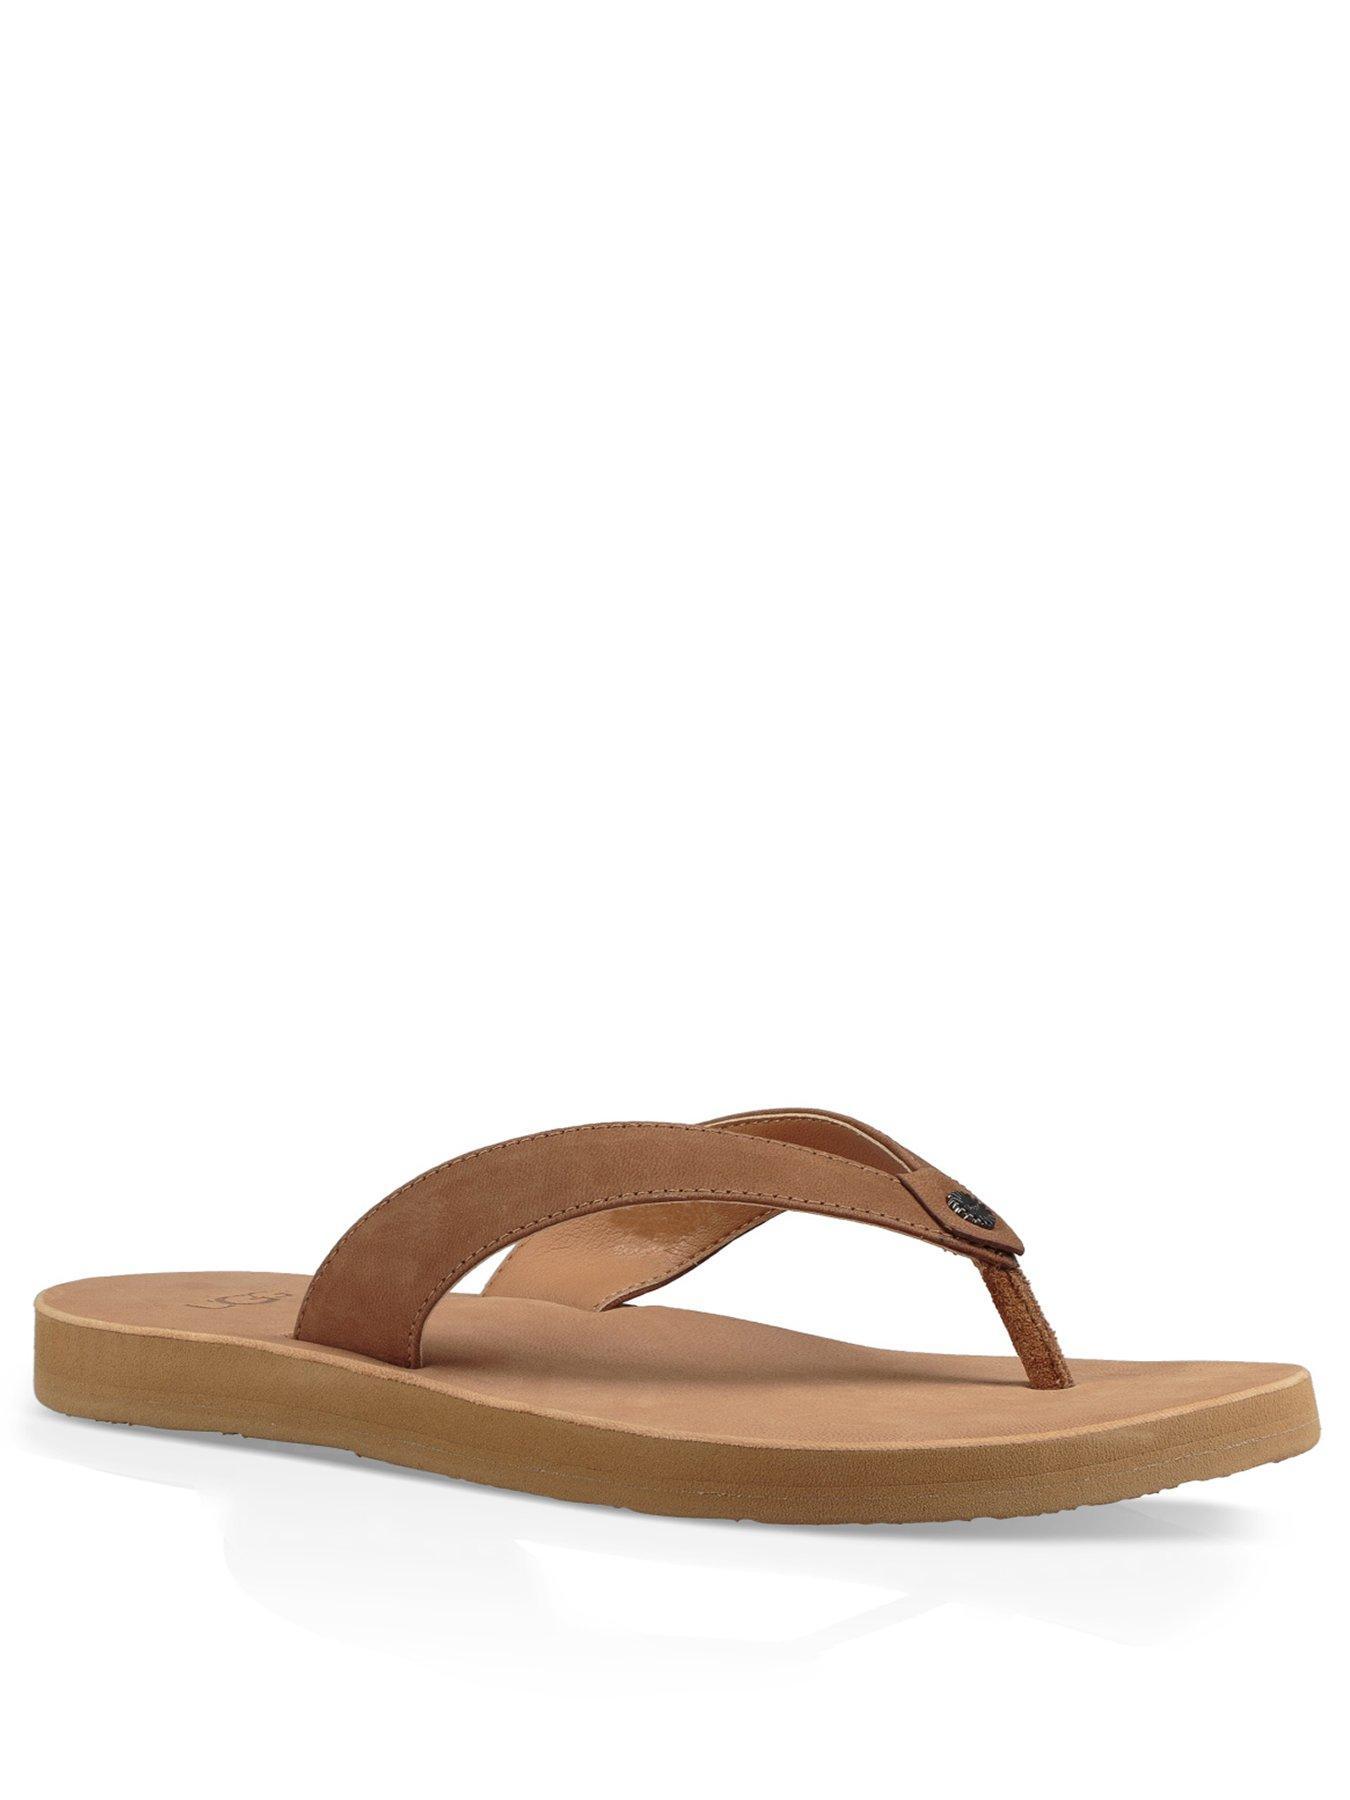 UGG Tawney flip flop